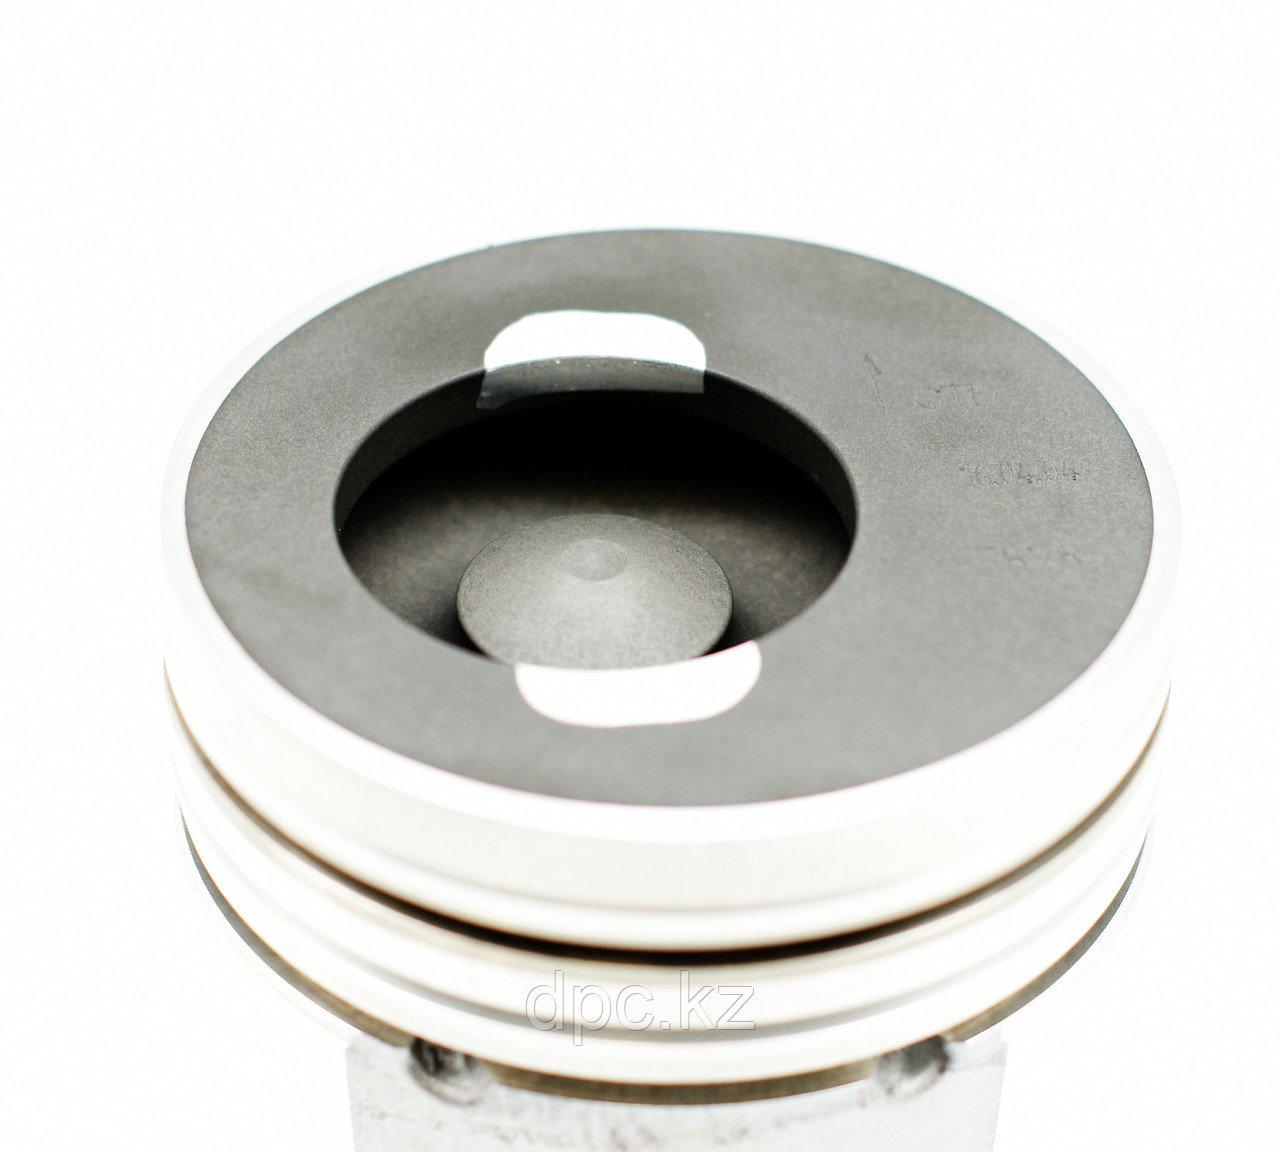 Поршень для двигателя Cummins 6CT (220-300л.c) 3925878 3802601 3926246